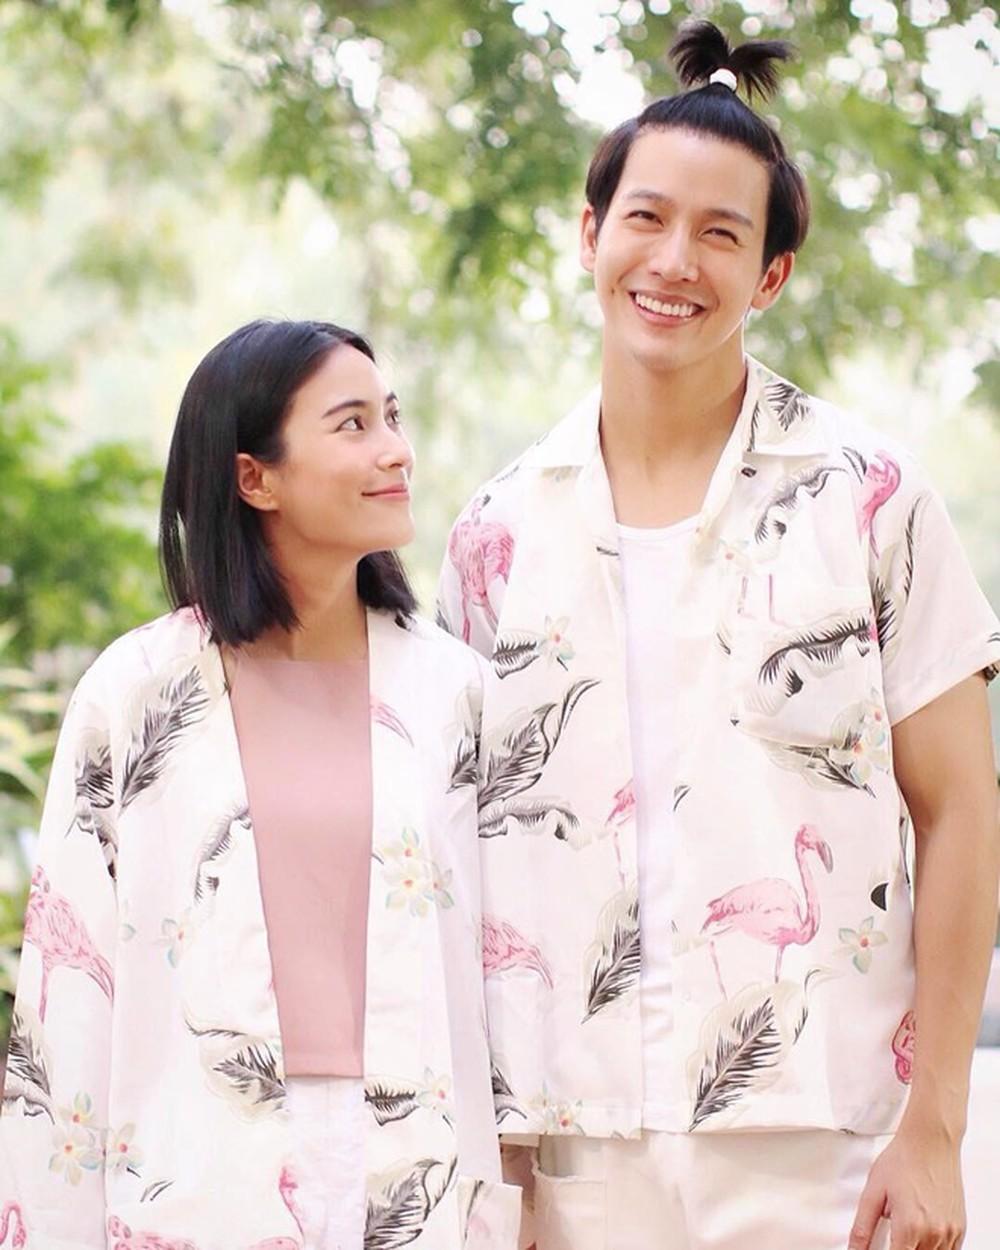 Được ship với loạt mỹ nhân hot nhất Thái Lan, trái tim và cuộc đời nam thần Push Puttichai chỉ thuộc về một người - Ảnh 6.